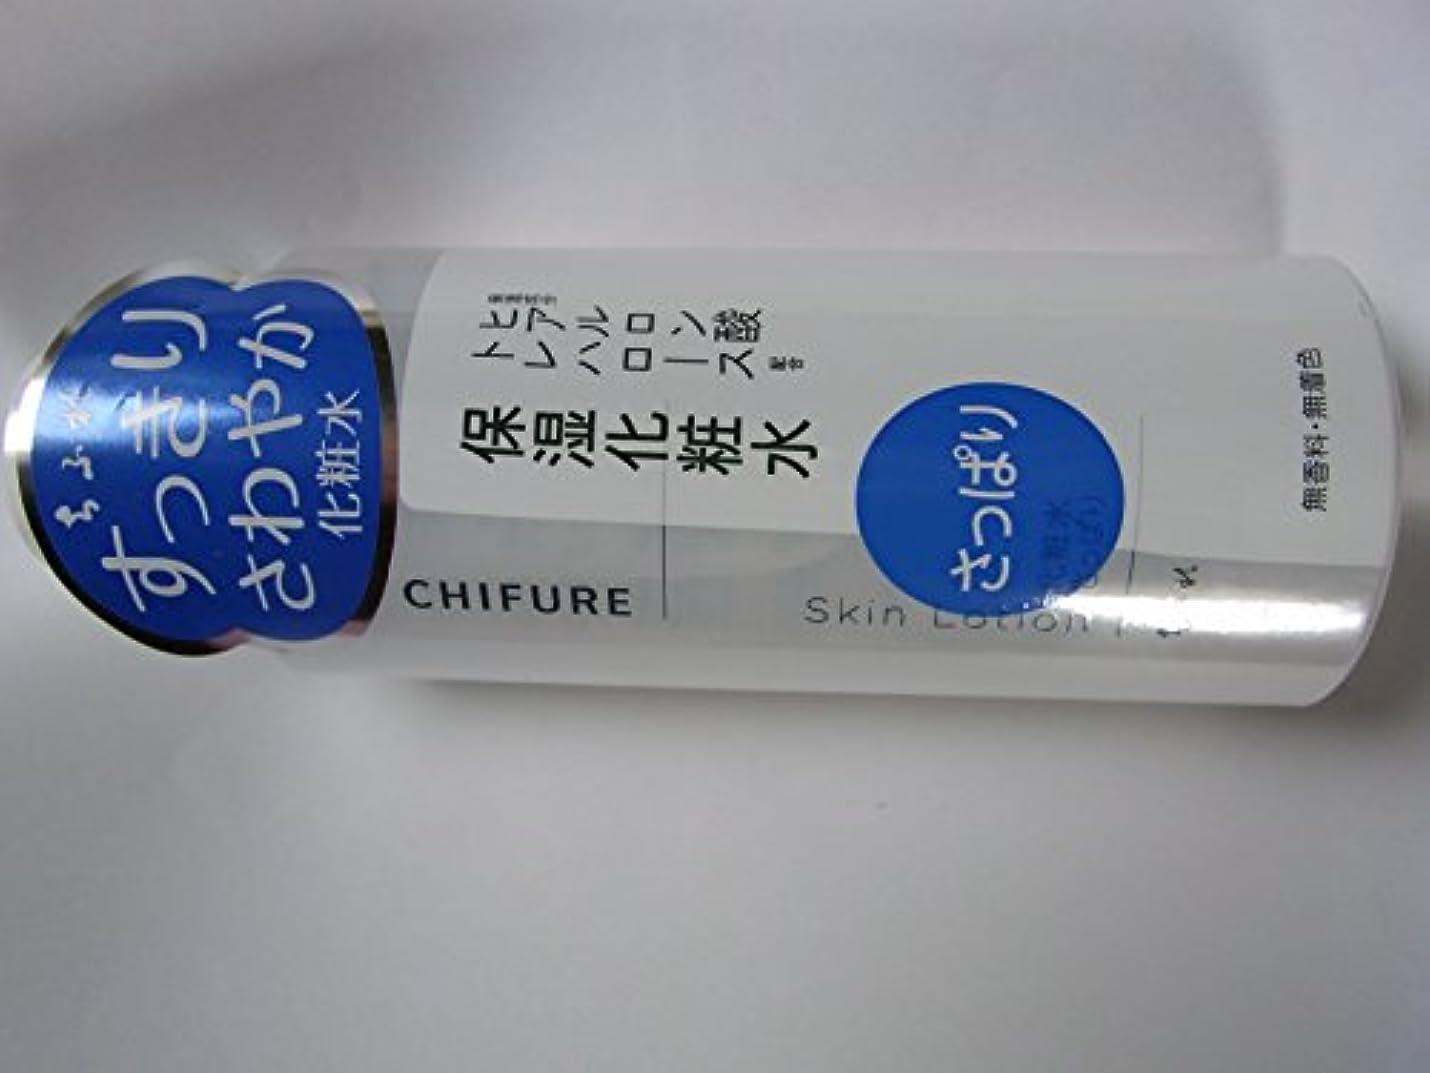 オートメーション虚栄心によってちふれ化粧品 化粧水 さっぱりタイプ 180ML